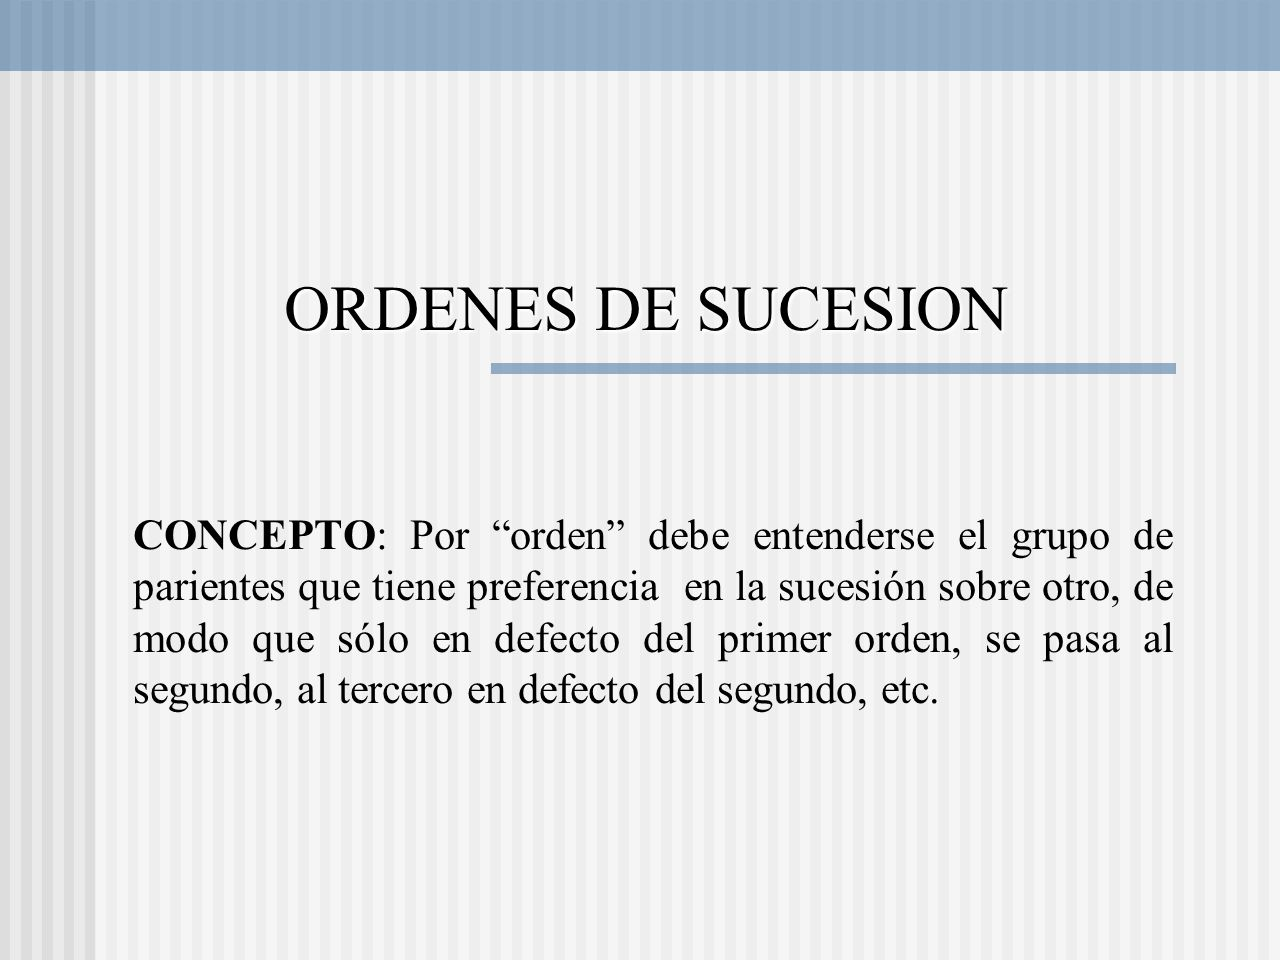 ORDENES DE SUCESION